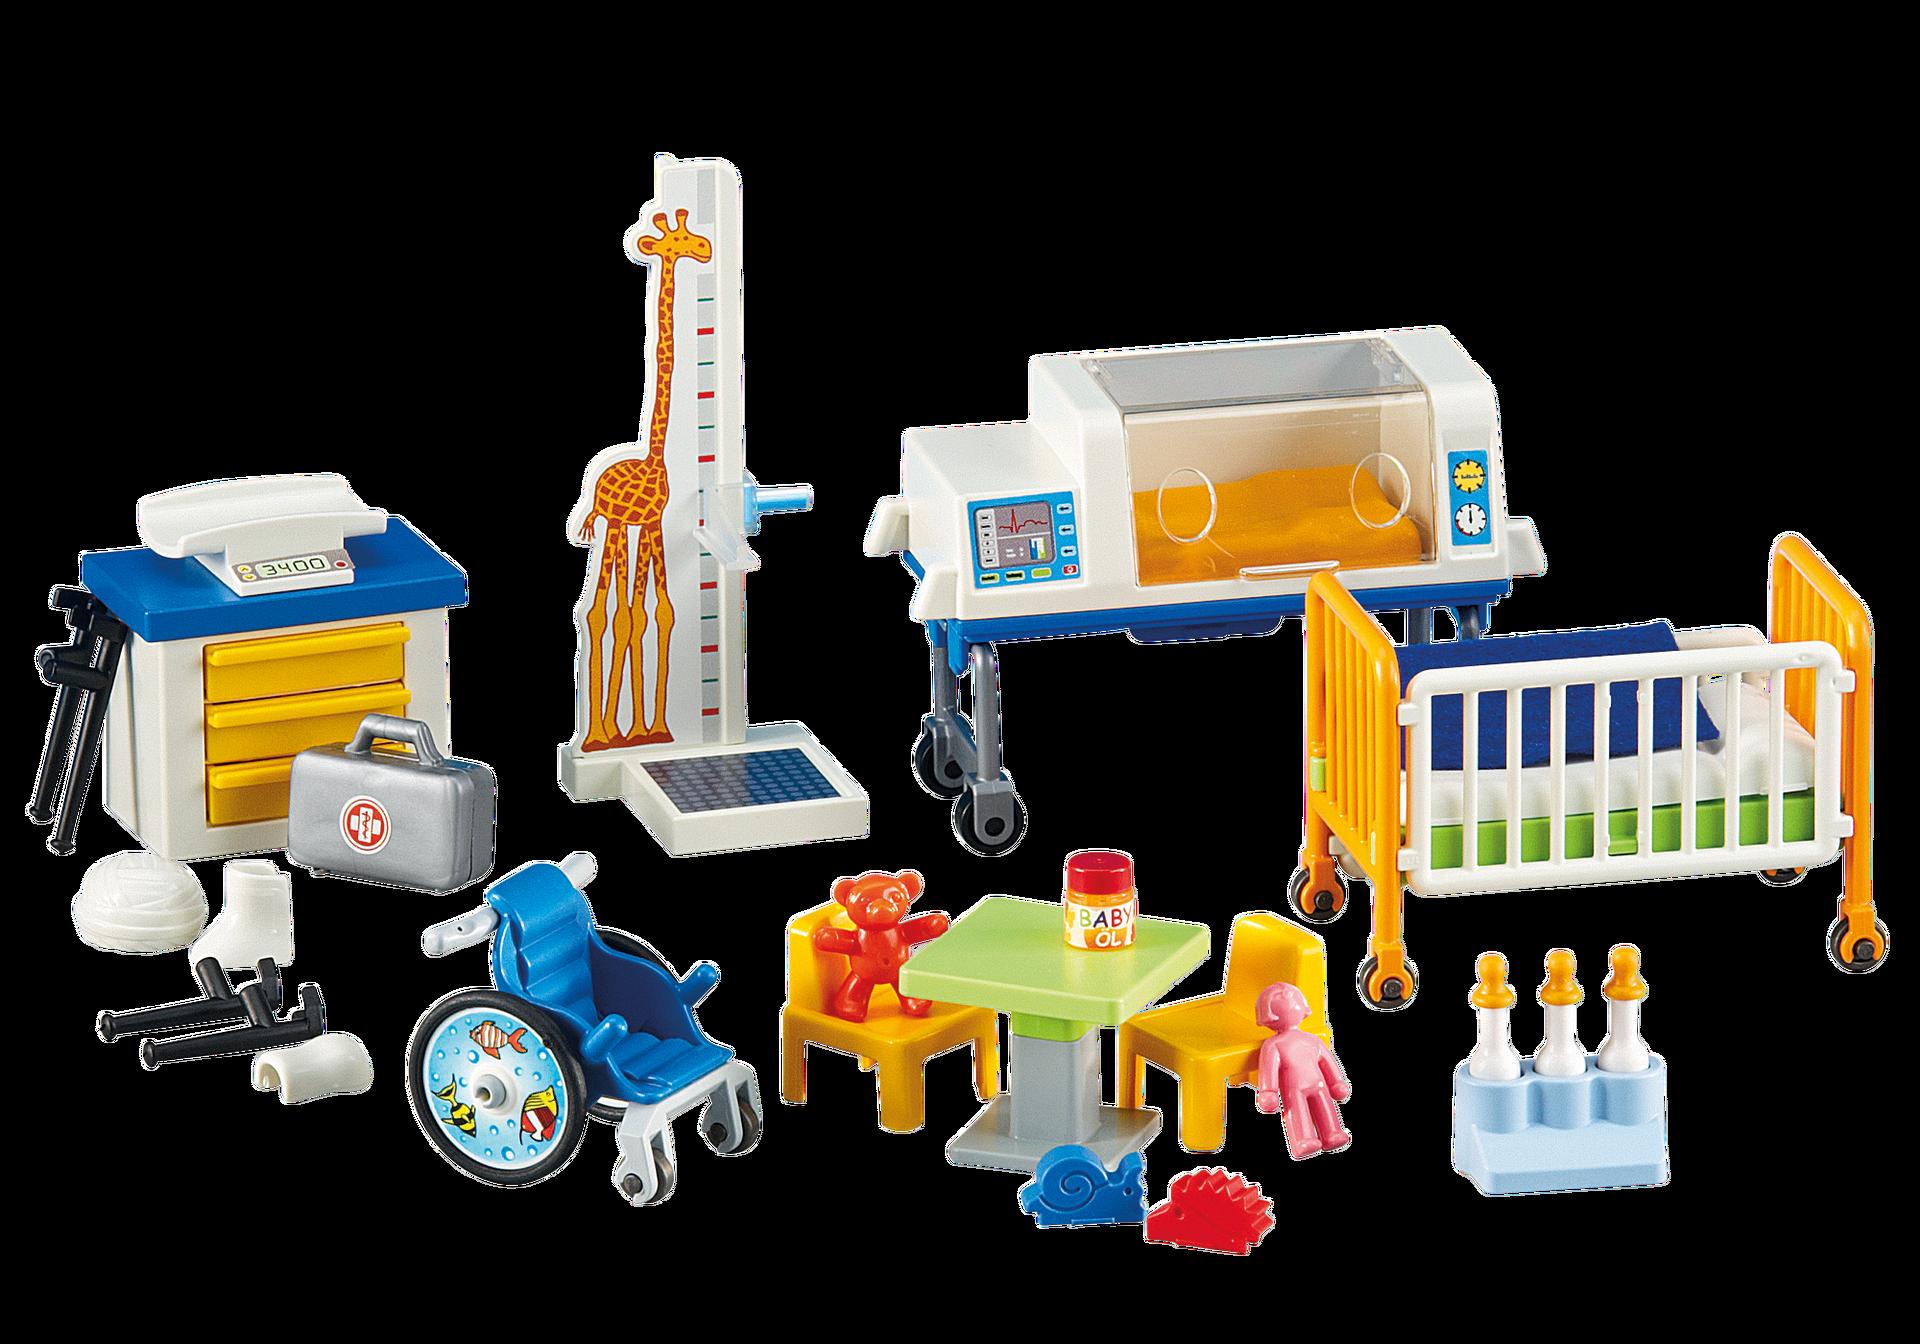 Inrichting voor het kinderziekenhuis 6295 playmobil for Salle a manger playmobil city life